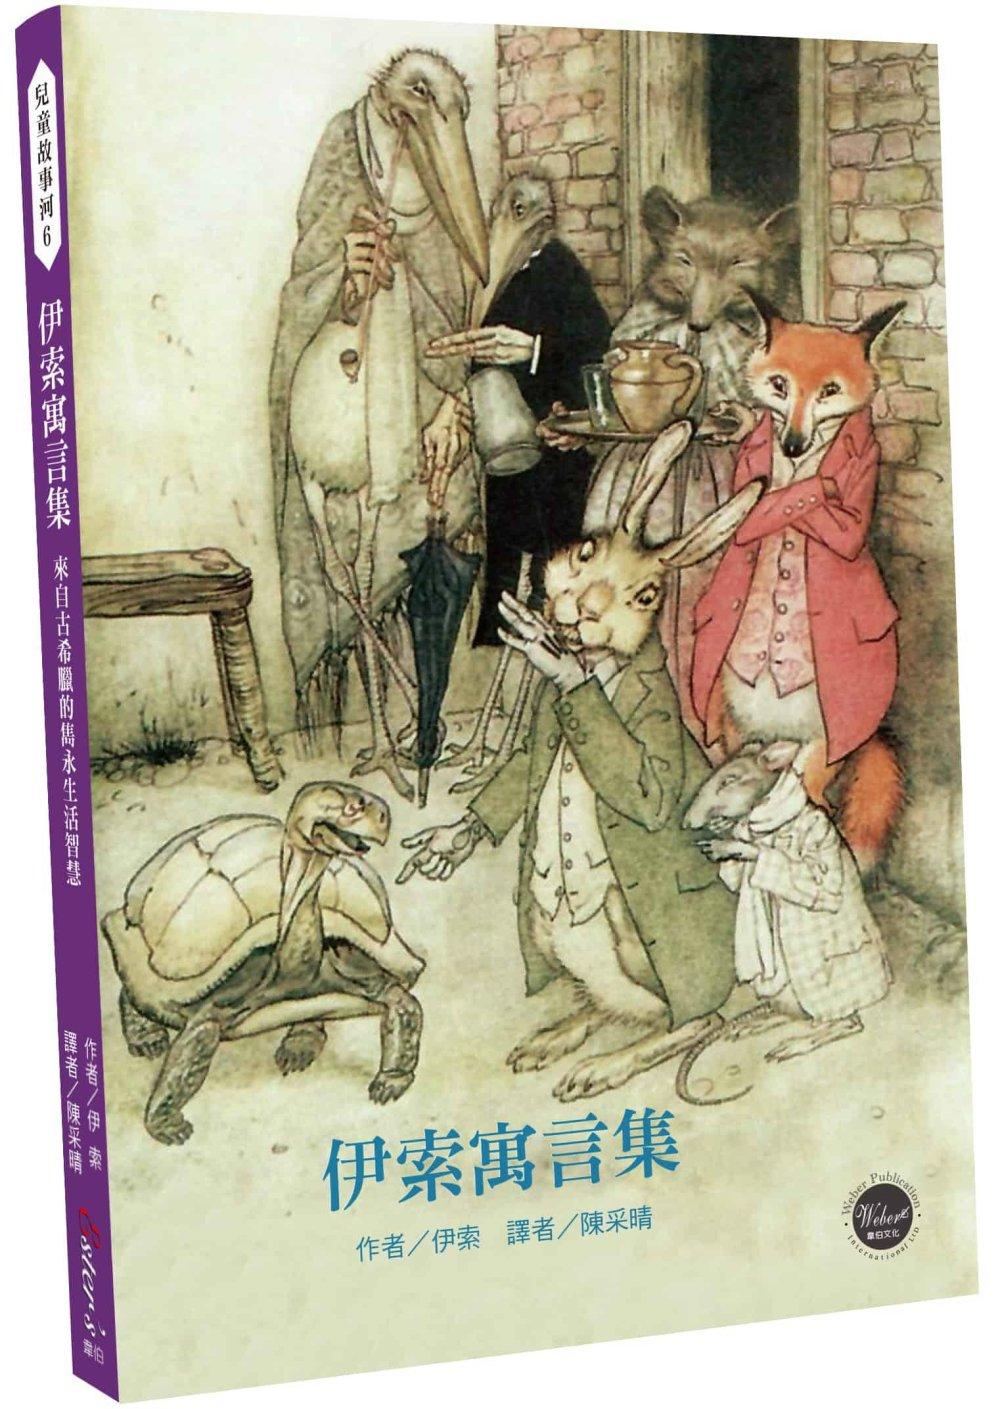 兒童故事河5:伊索寓言集:來自古希臘的雋永生活智慧【世界知名寓言故事收錄最完整的版本】